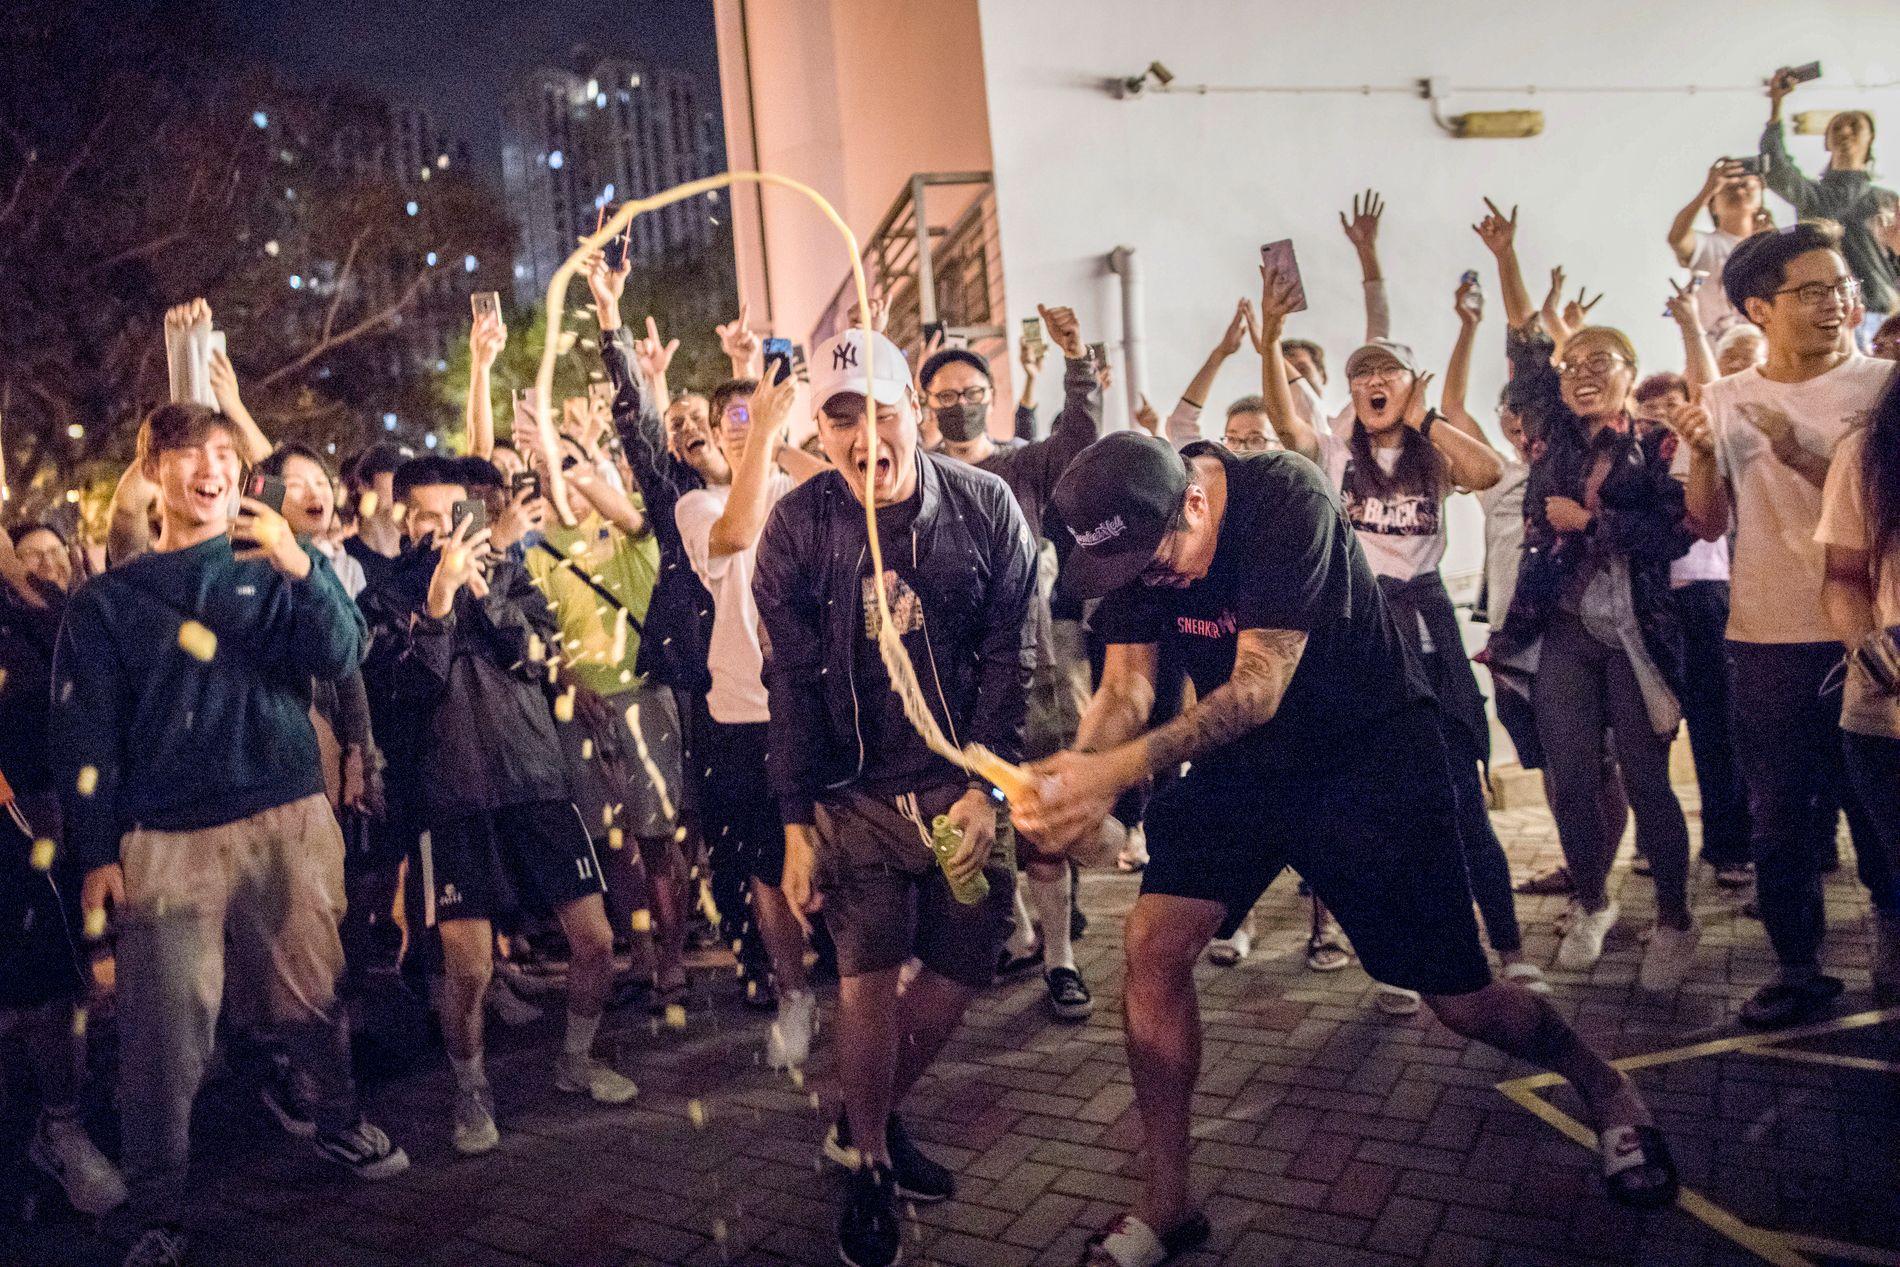 FEIRER: Demonstranter i Hongkong feiret valgresultatet.